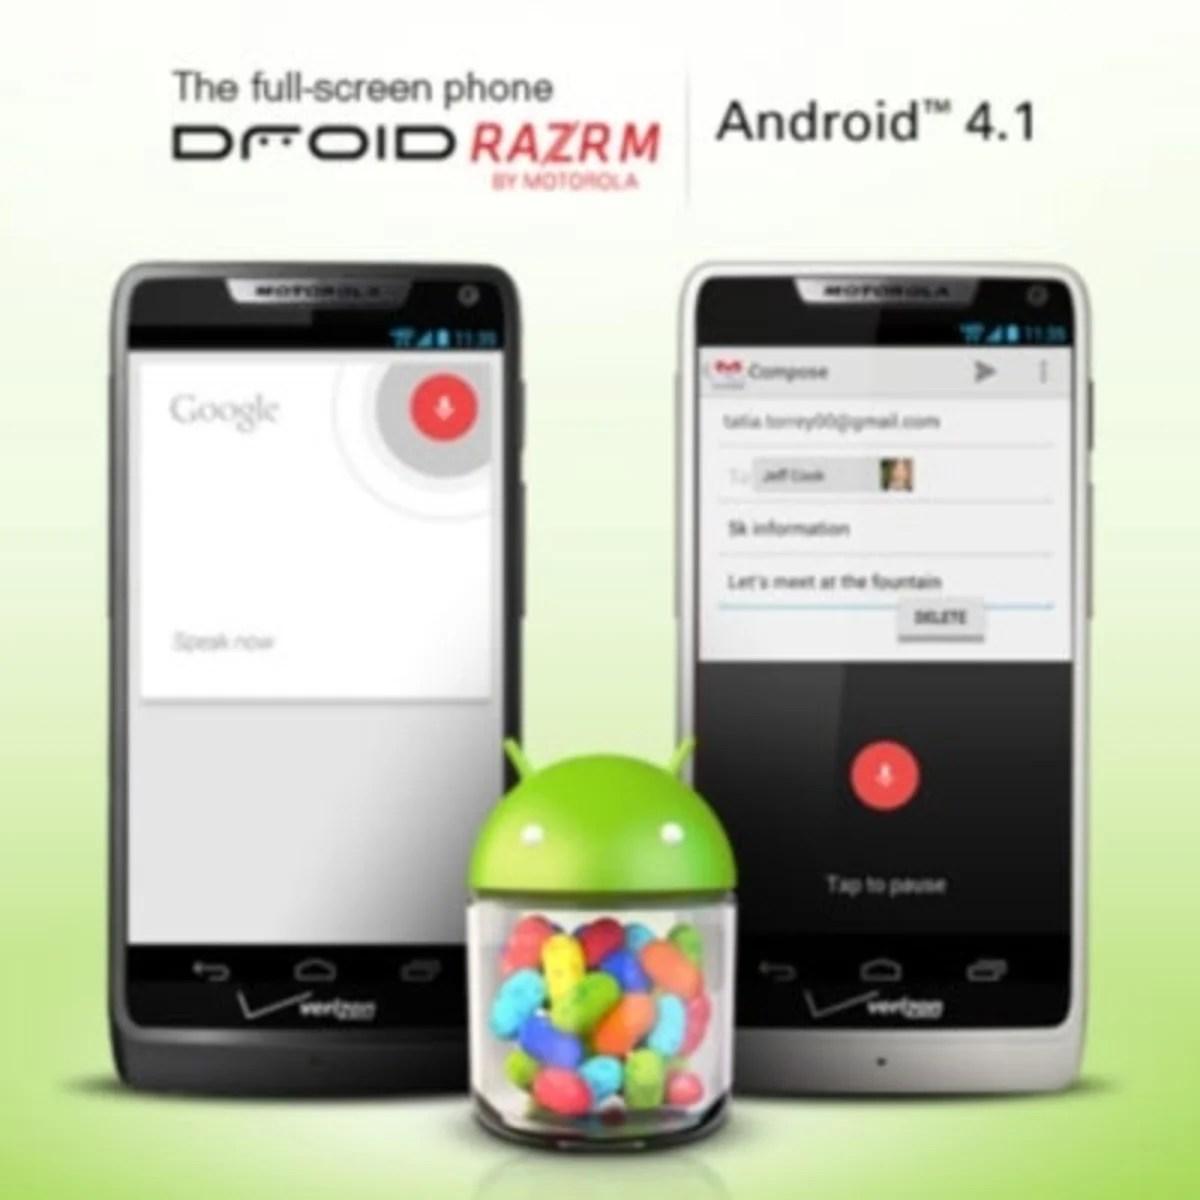 Actualización del Motorola Droid RARZ M a Android Jelly Bean